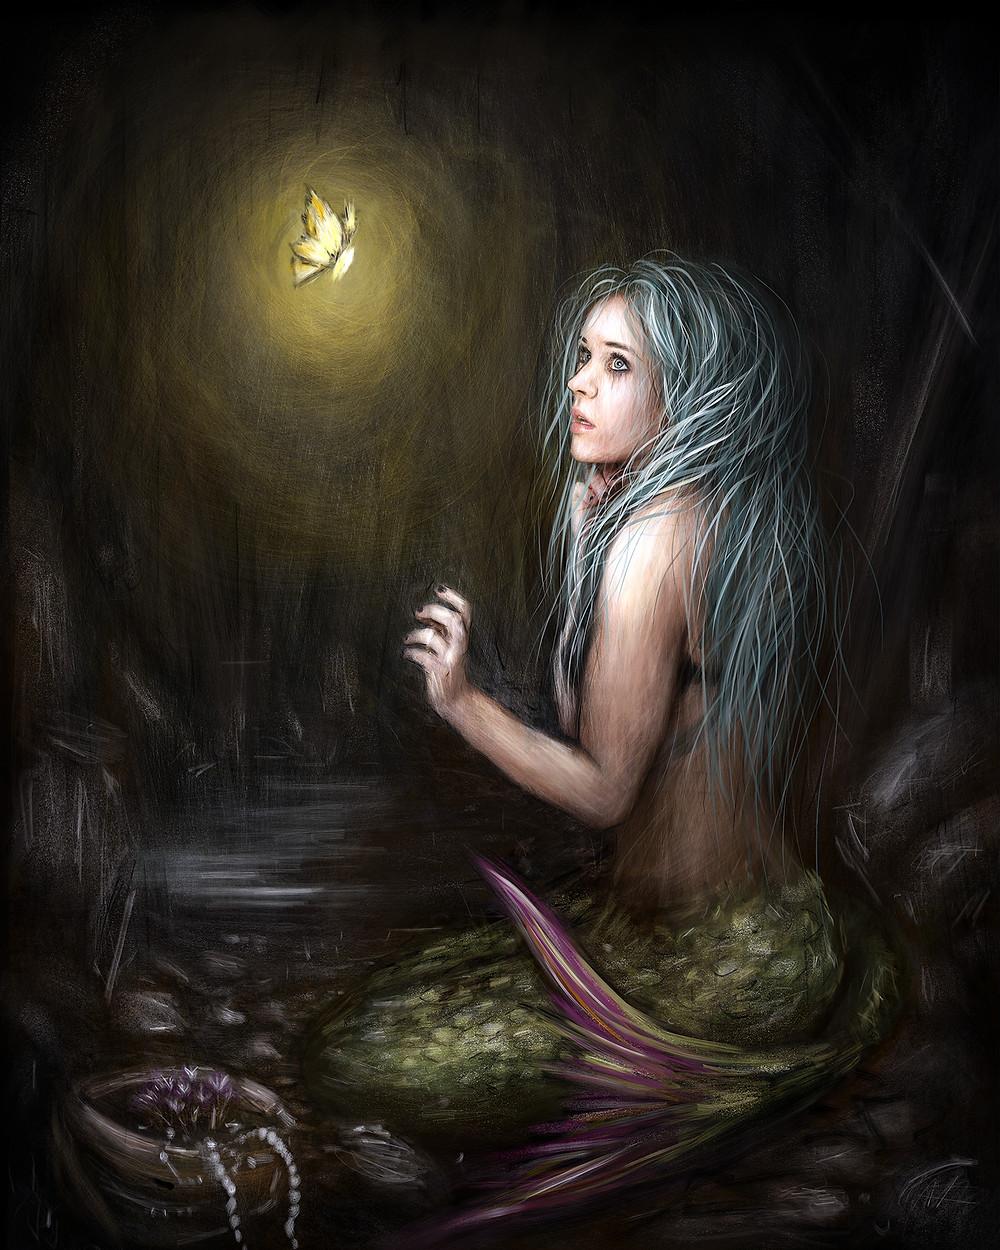 Mermaid in the Dark by Justin Gedak